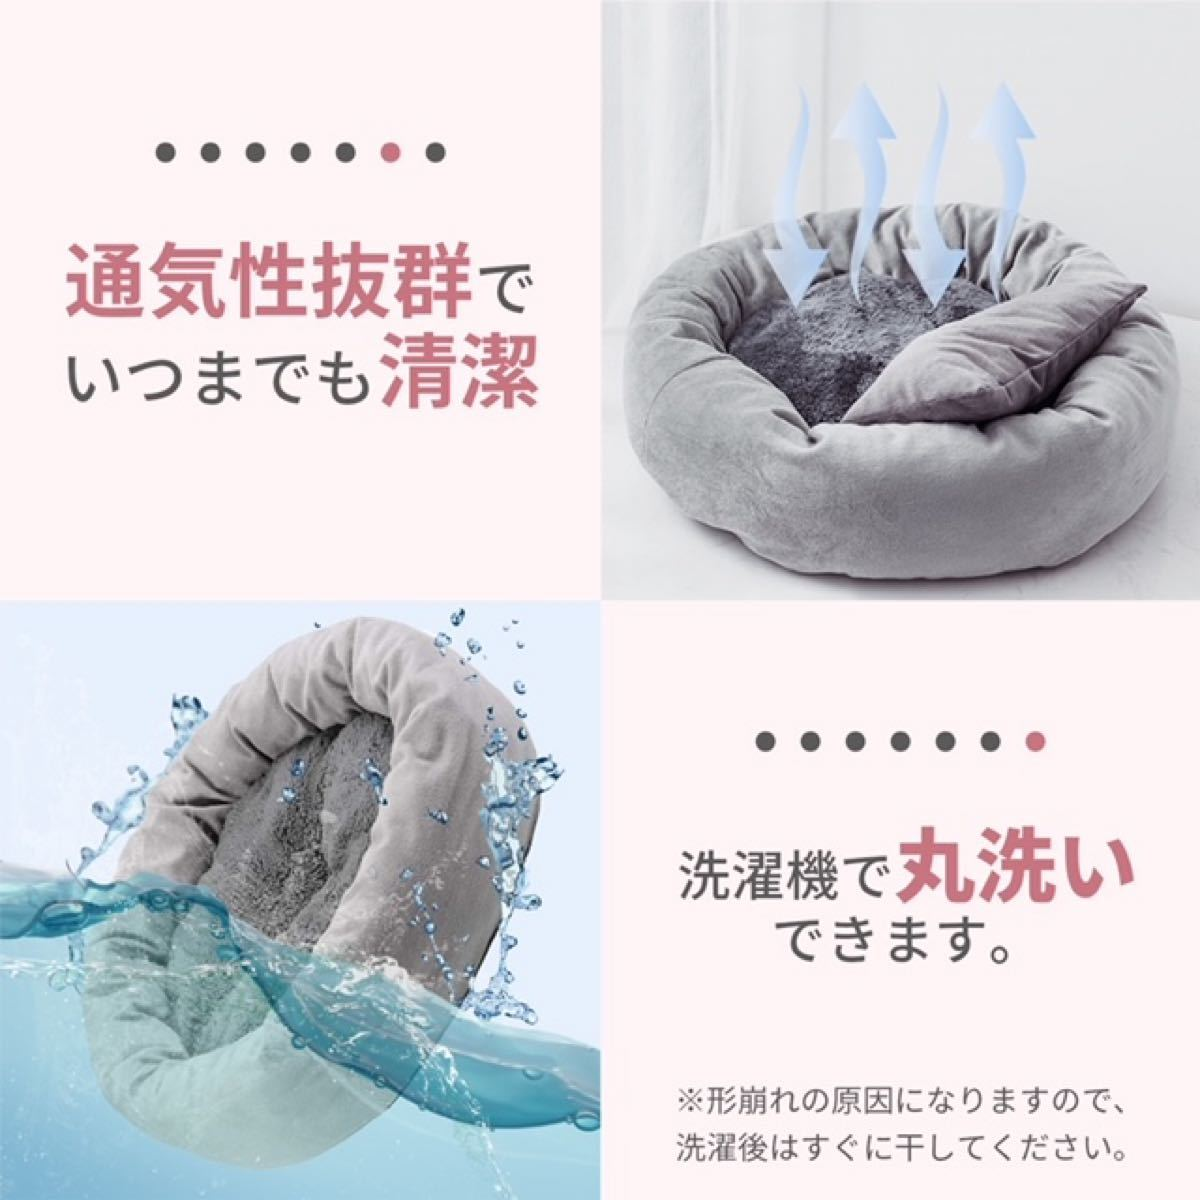 【新品】ペットベッド 冬用 おしゃれ 暖かい 犬ベット 猫ベッド クッション